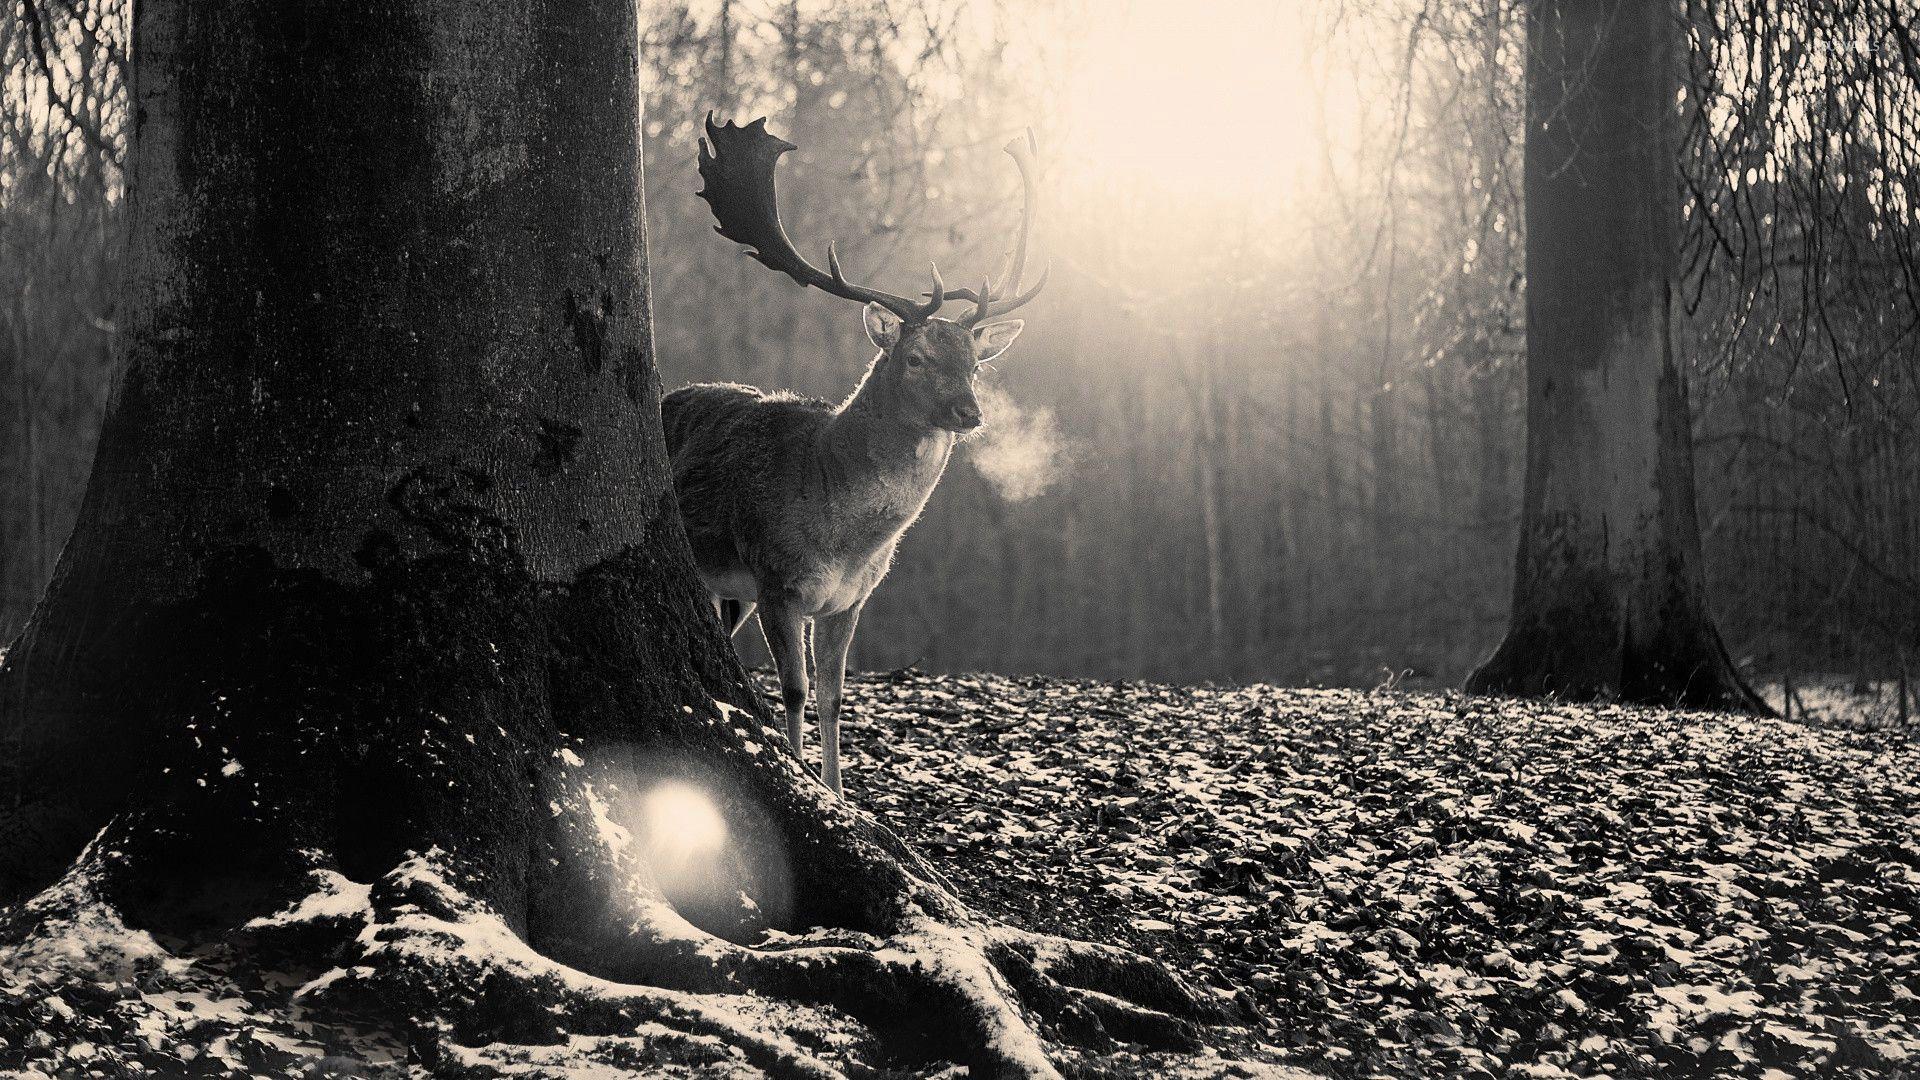 deer art wallpaper